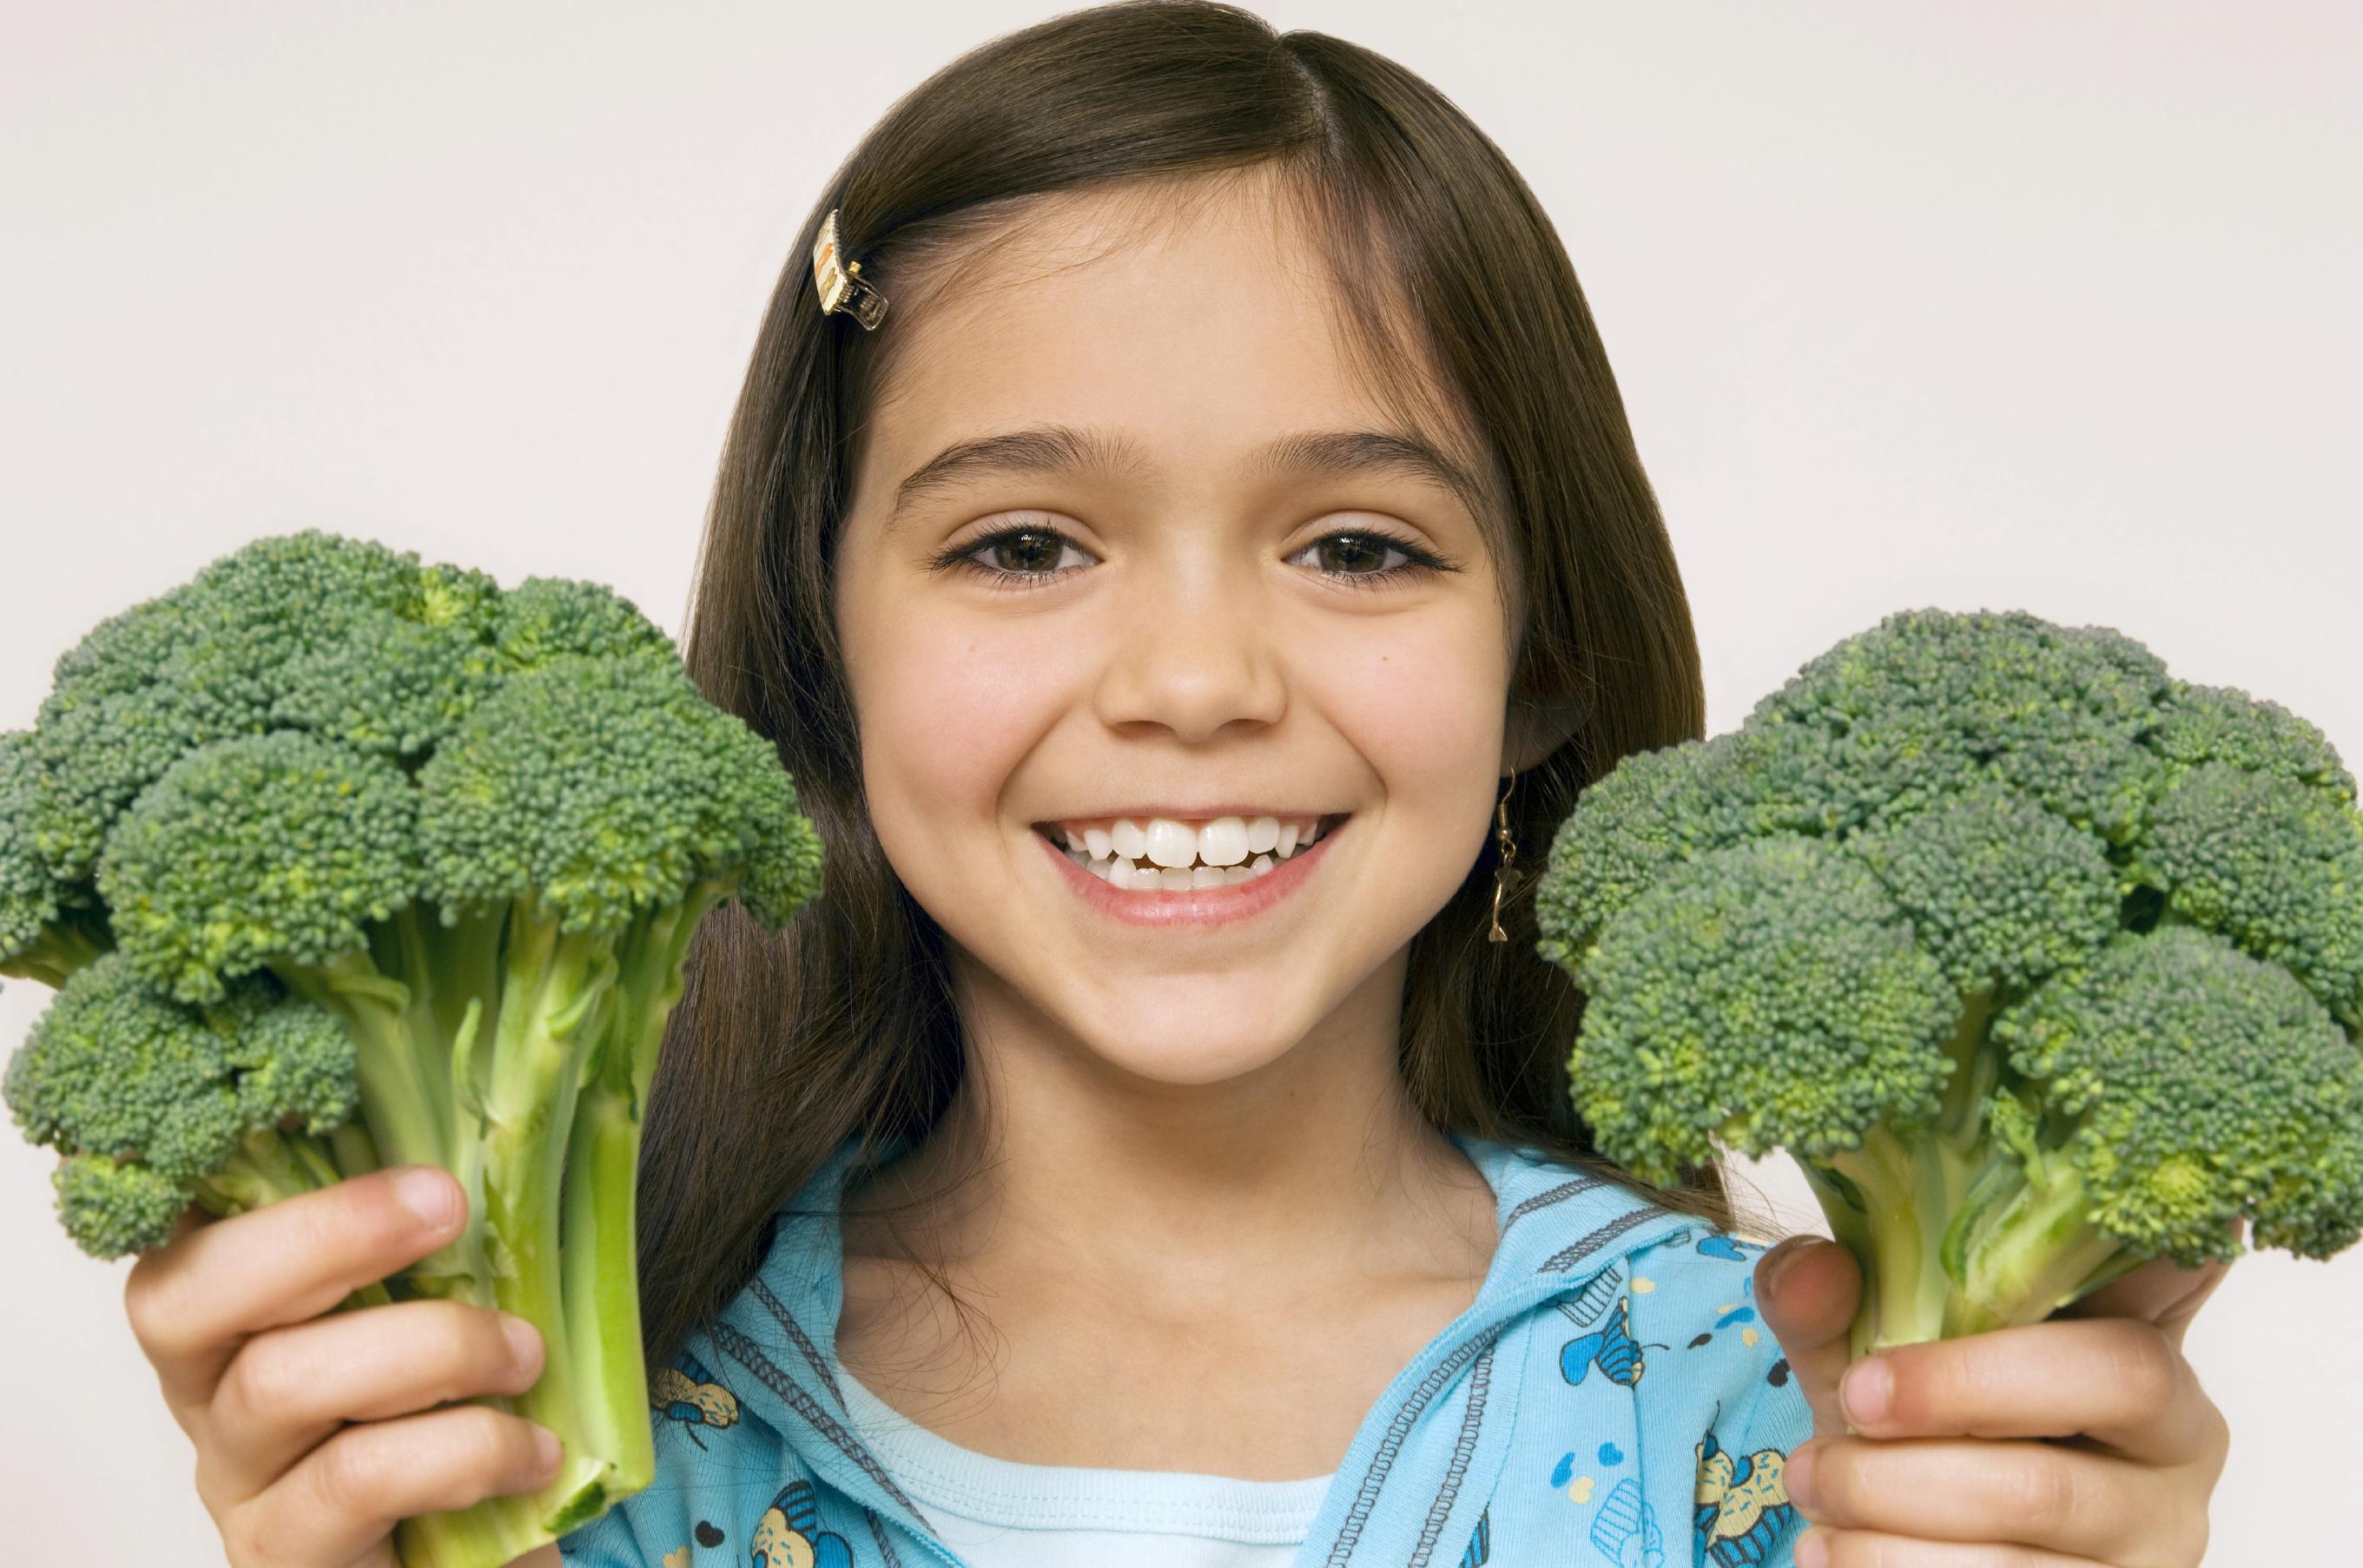 как похудеть ребенку 12 лет за неделю в домашних условиях